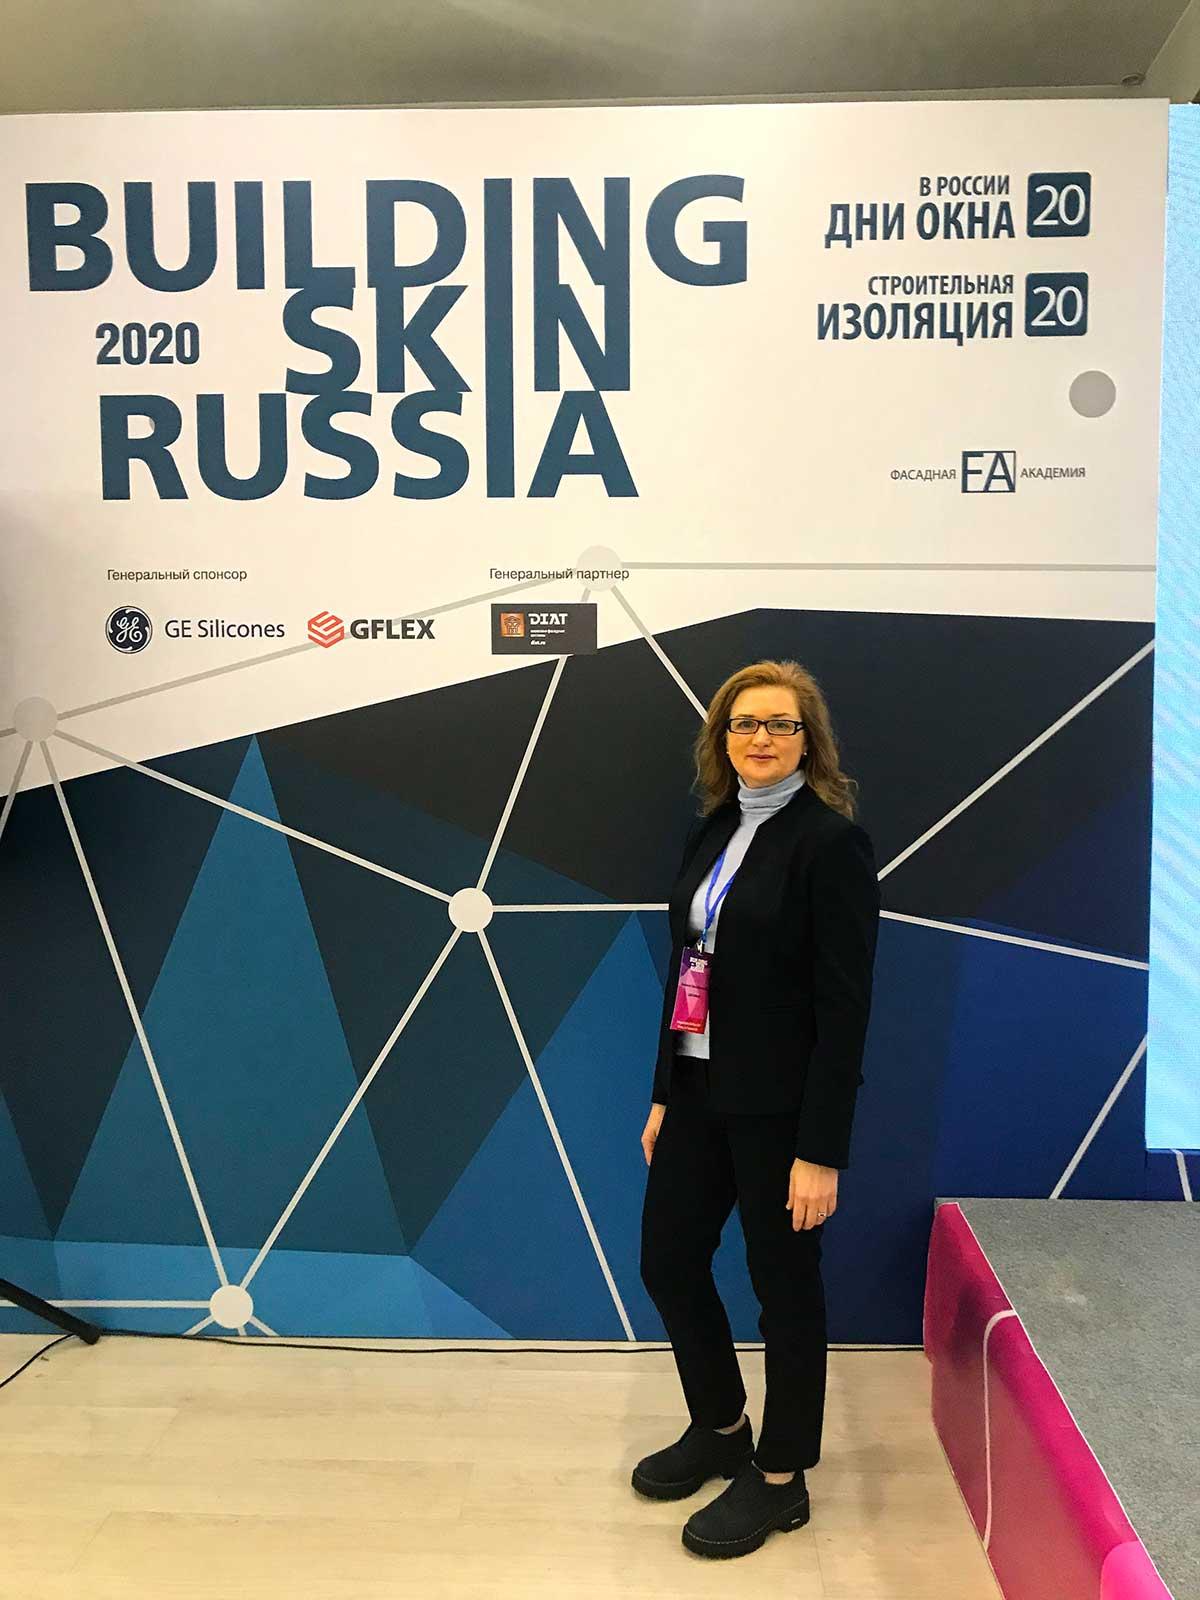 СДМ-ХИМИЯ - Форум Дни окна в России - BuildingSkinRussia2020!